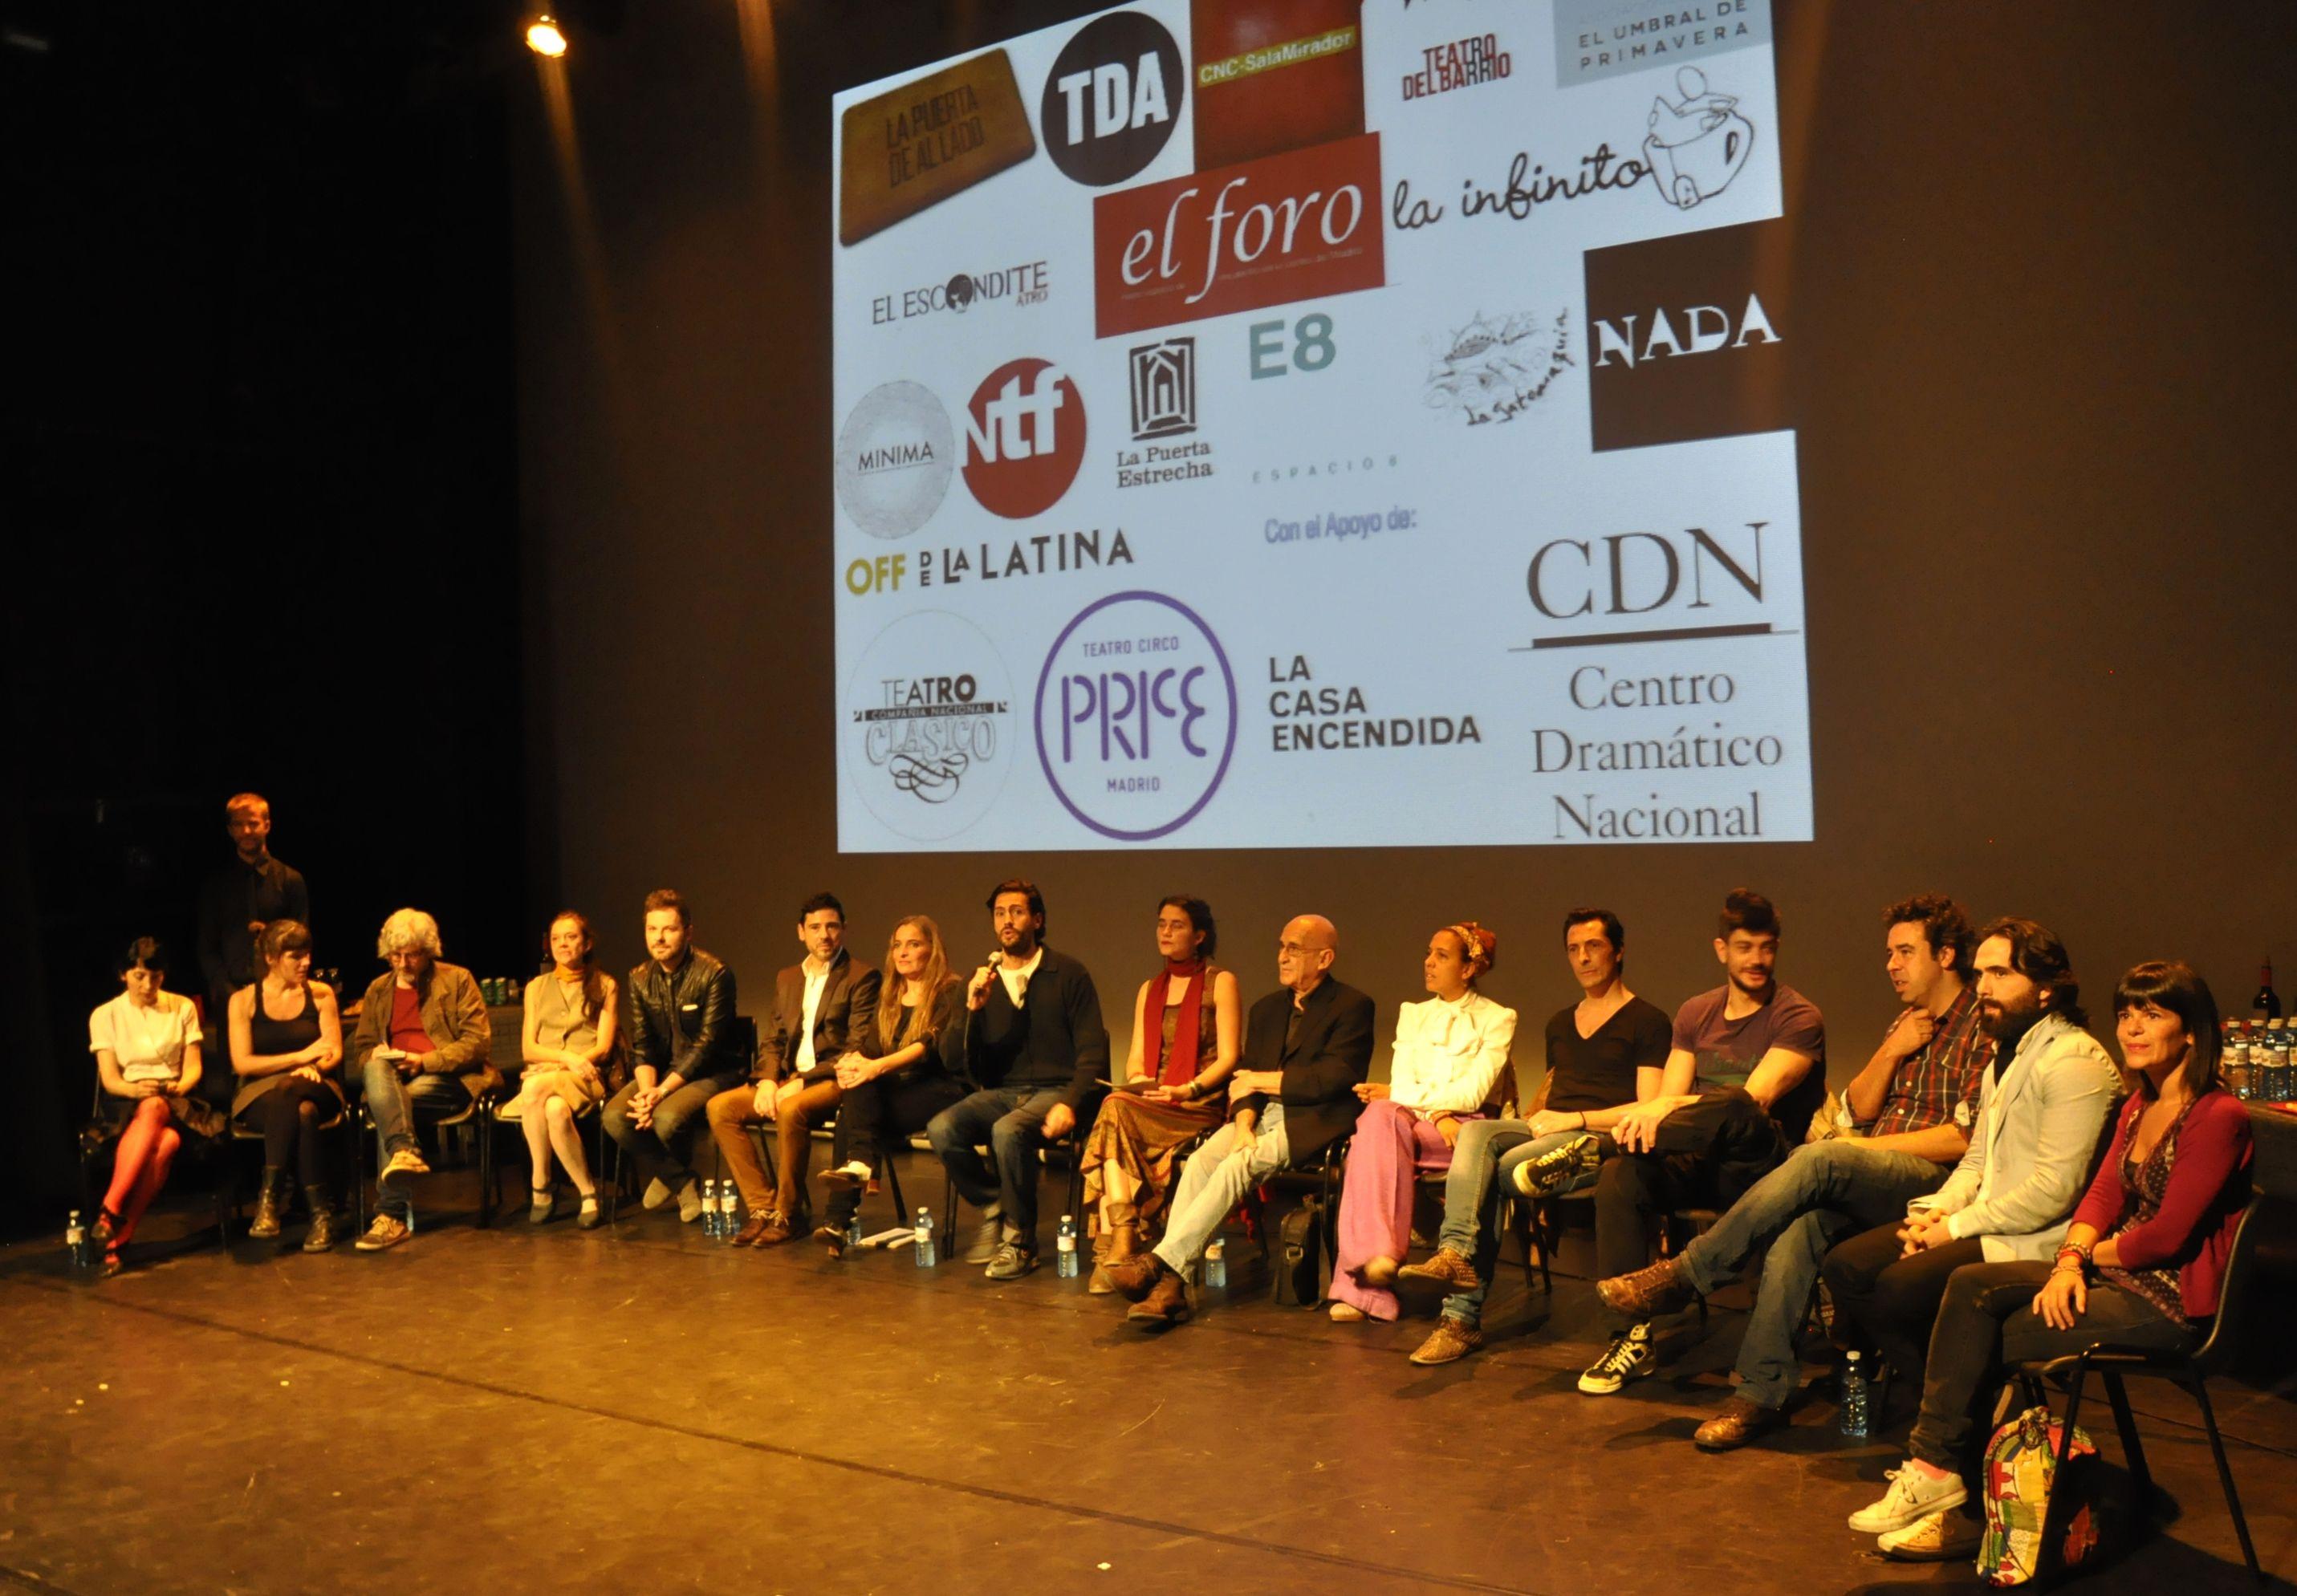 Presentación de 'Lavapiés Barrio de Teatros' en la Sala Mirador de Madrid. BF